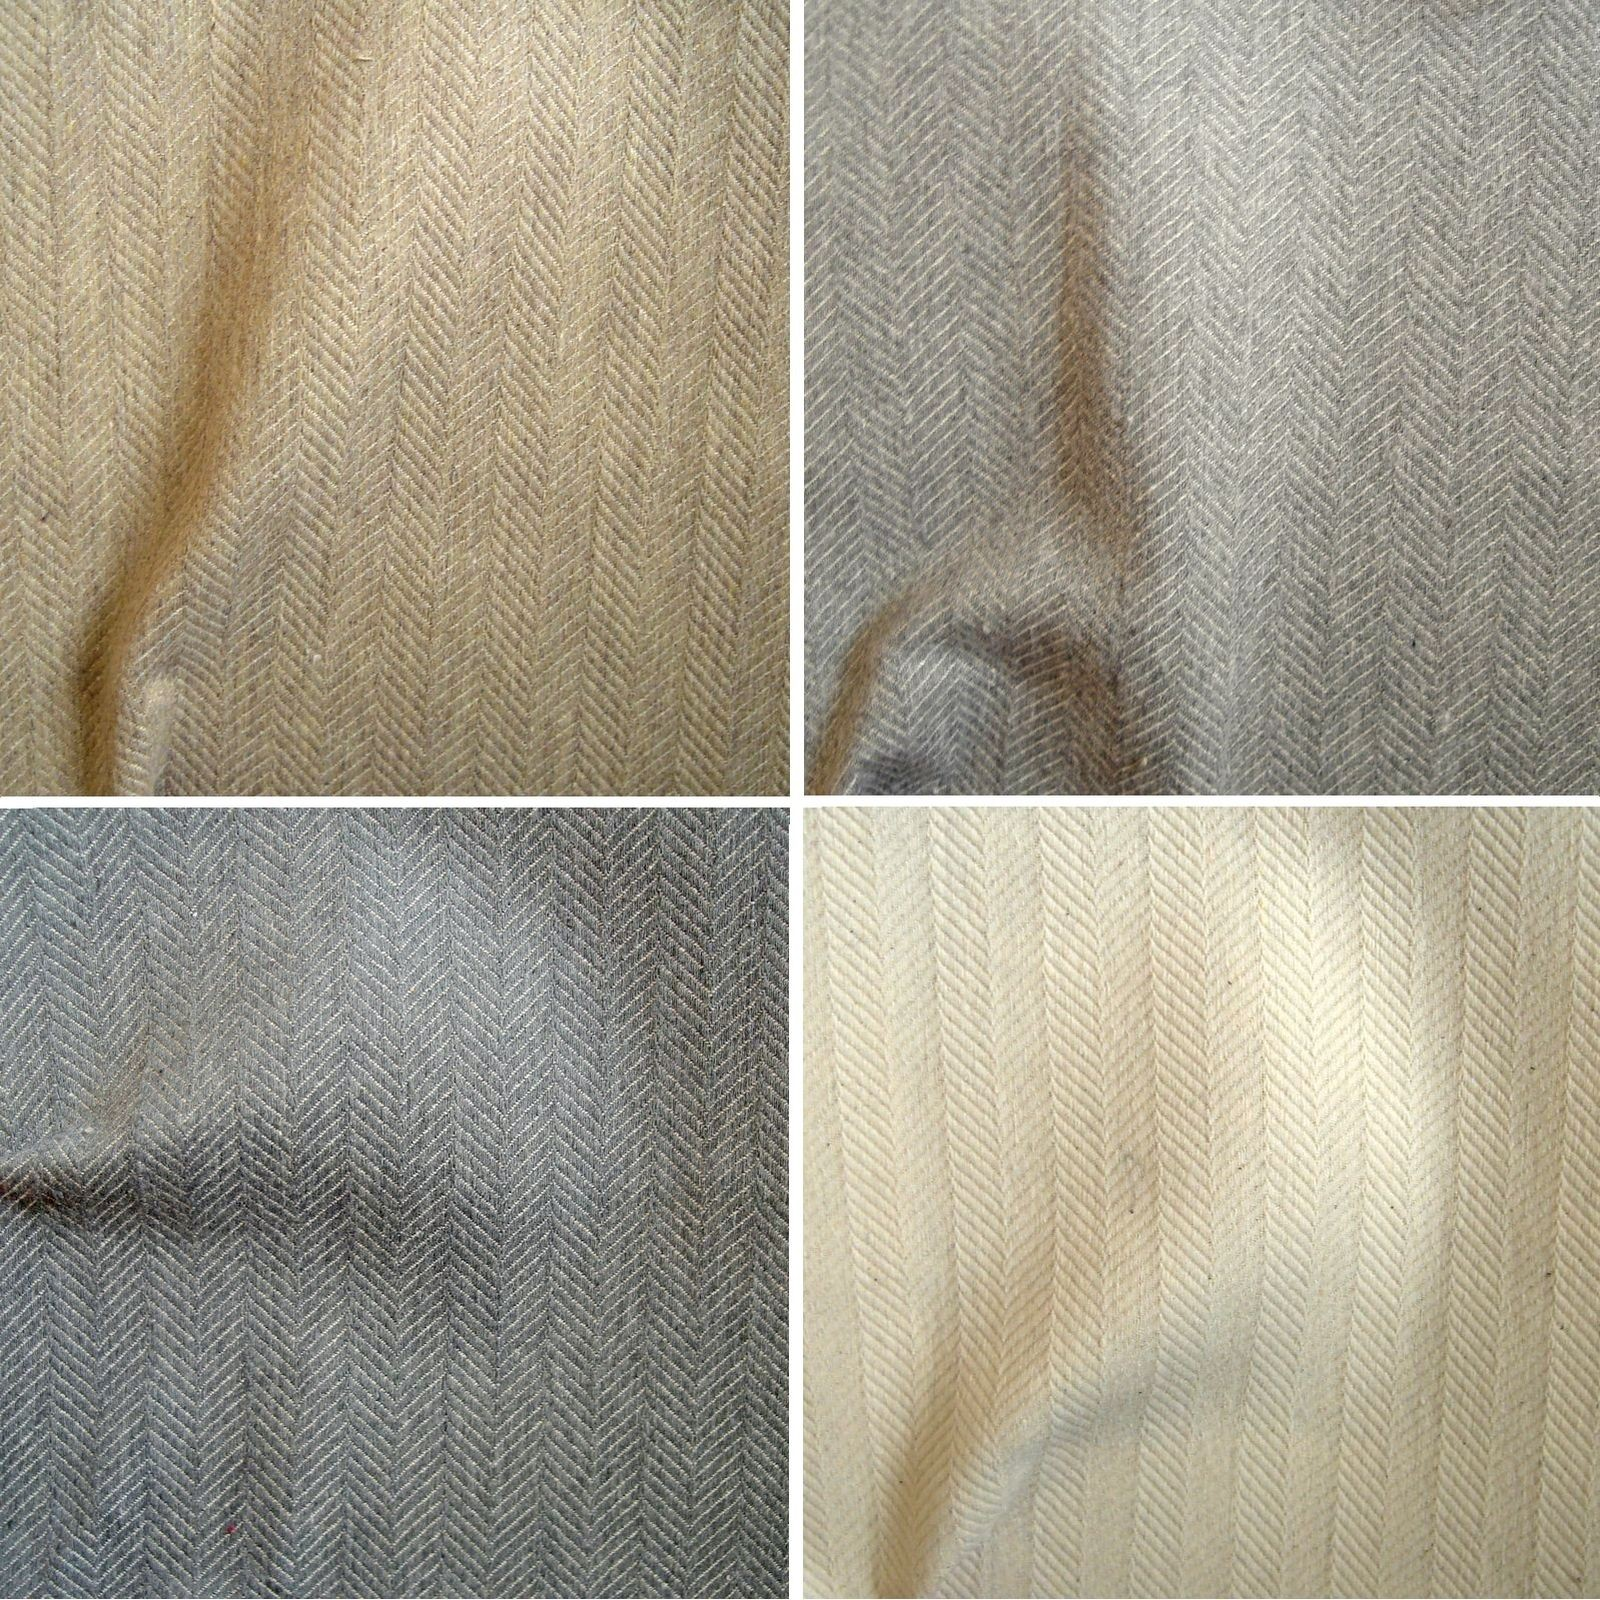 tissus rideaux haut de gamme 55583 rideau id es. Black Bedroom Furniture Sets. Home Design Ideas